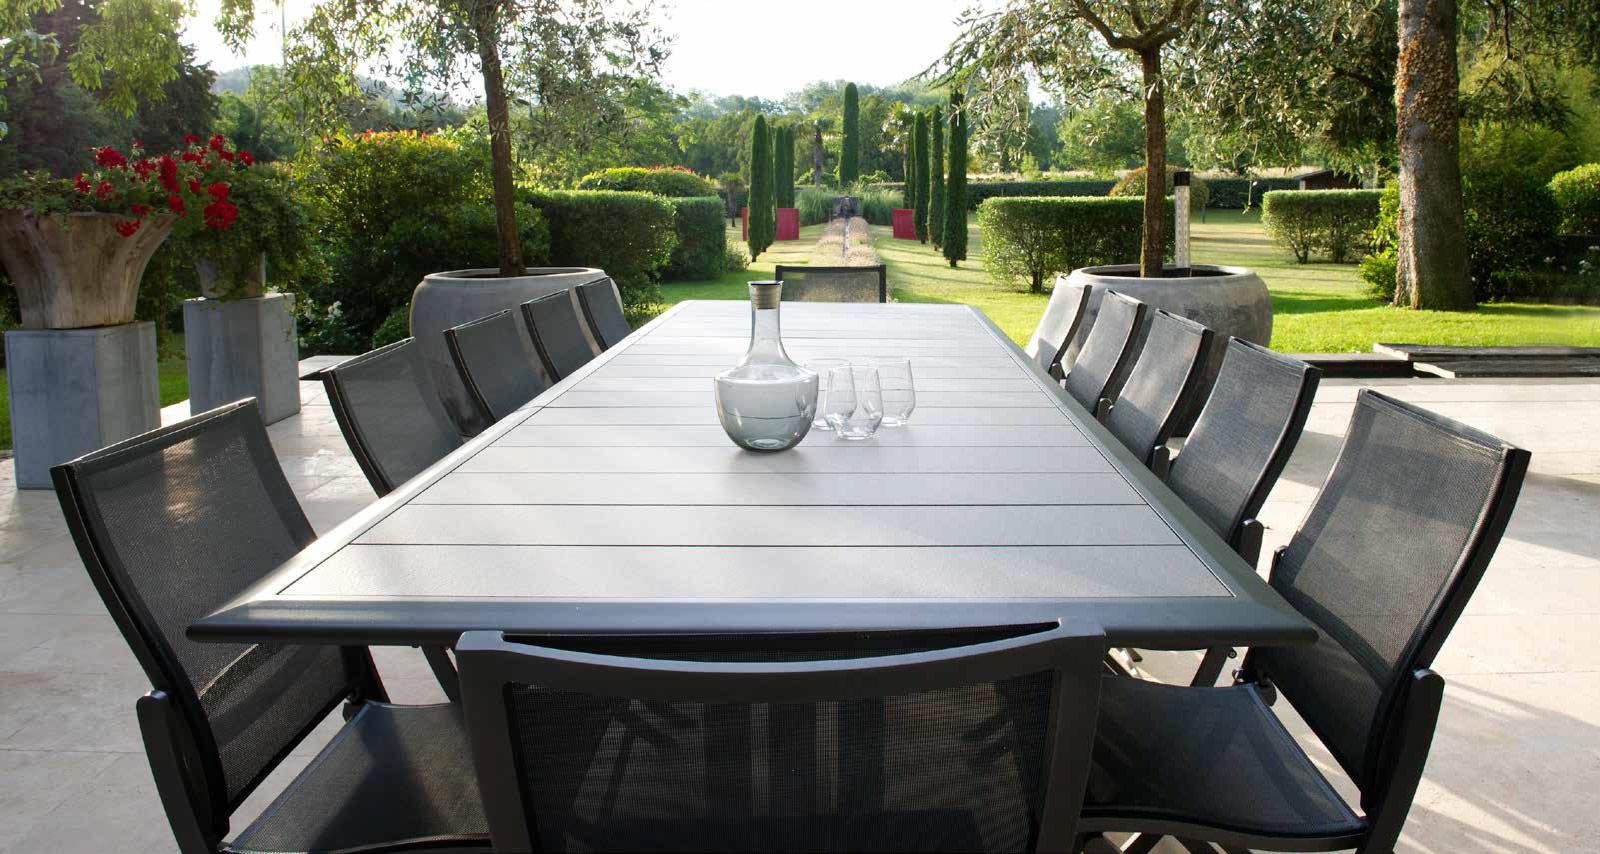 Mobilier Ext Rieur Les Jardins Enderlin Stores Et Receptions # Salon De Jardin Plateau Hpl